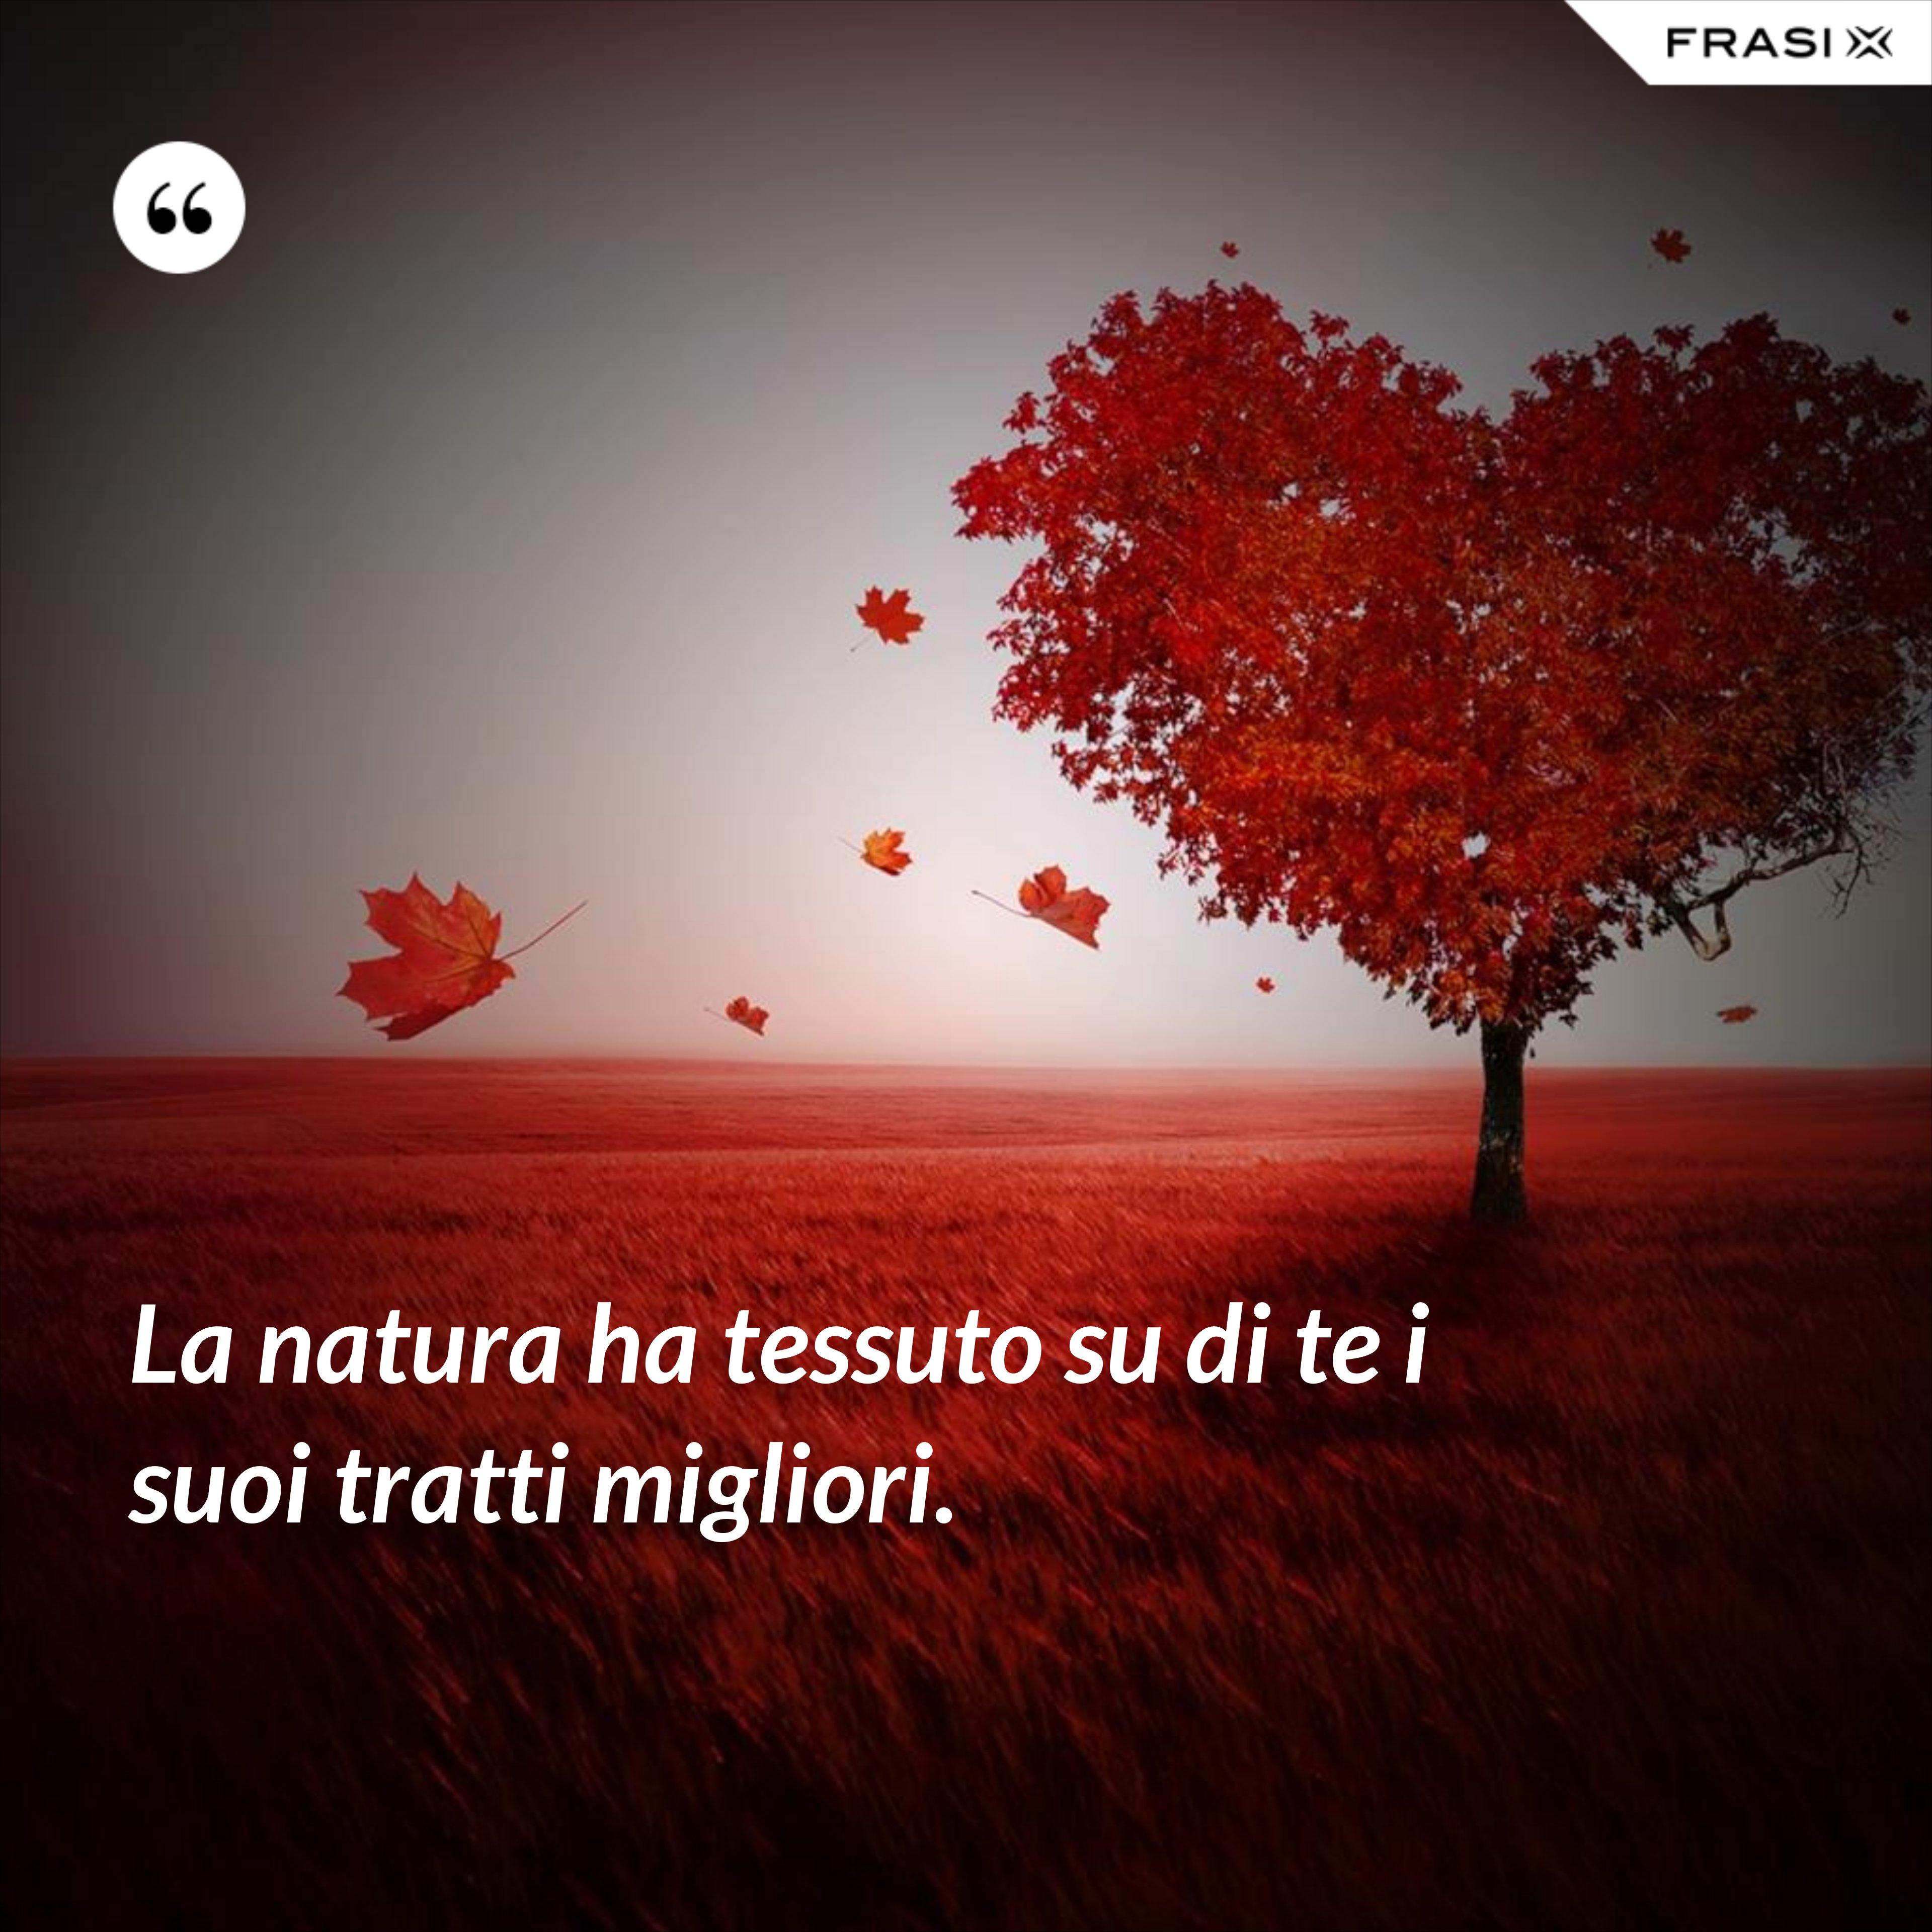 La natura ha tessuto su di te i suoi tratti migliori. - Anonimo